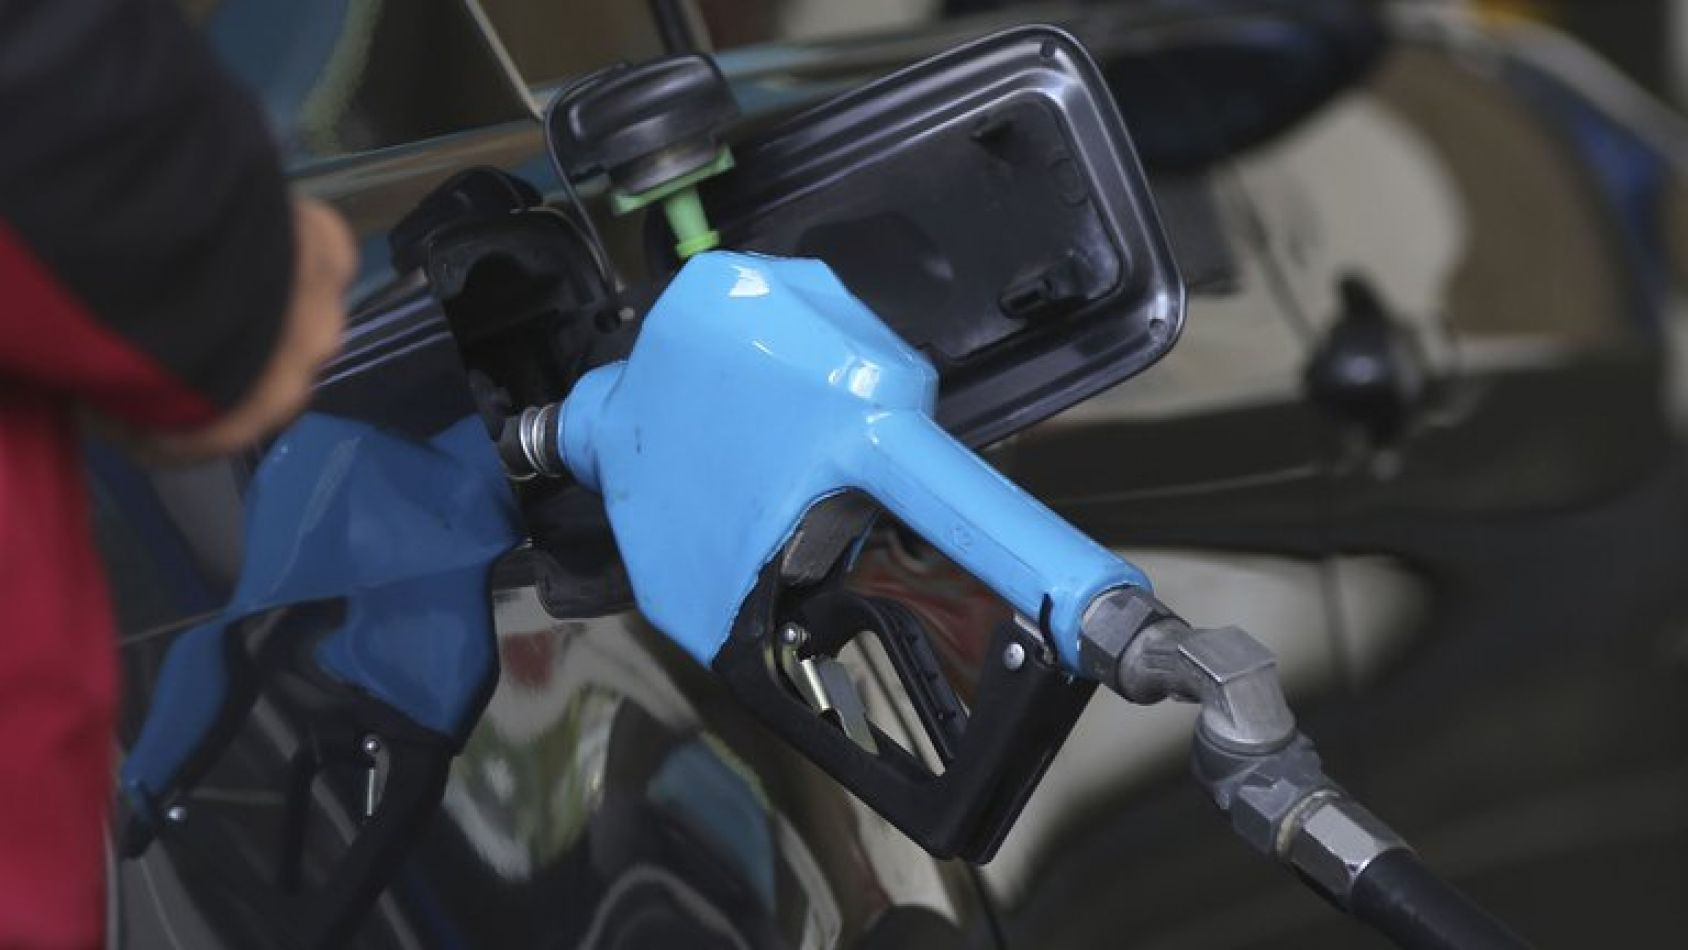 Nuevo aumento en los precios de los combustibles: 1% en nafta y 1,9% en gasoil